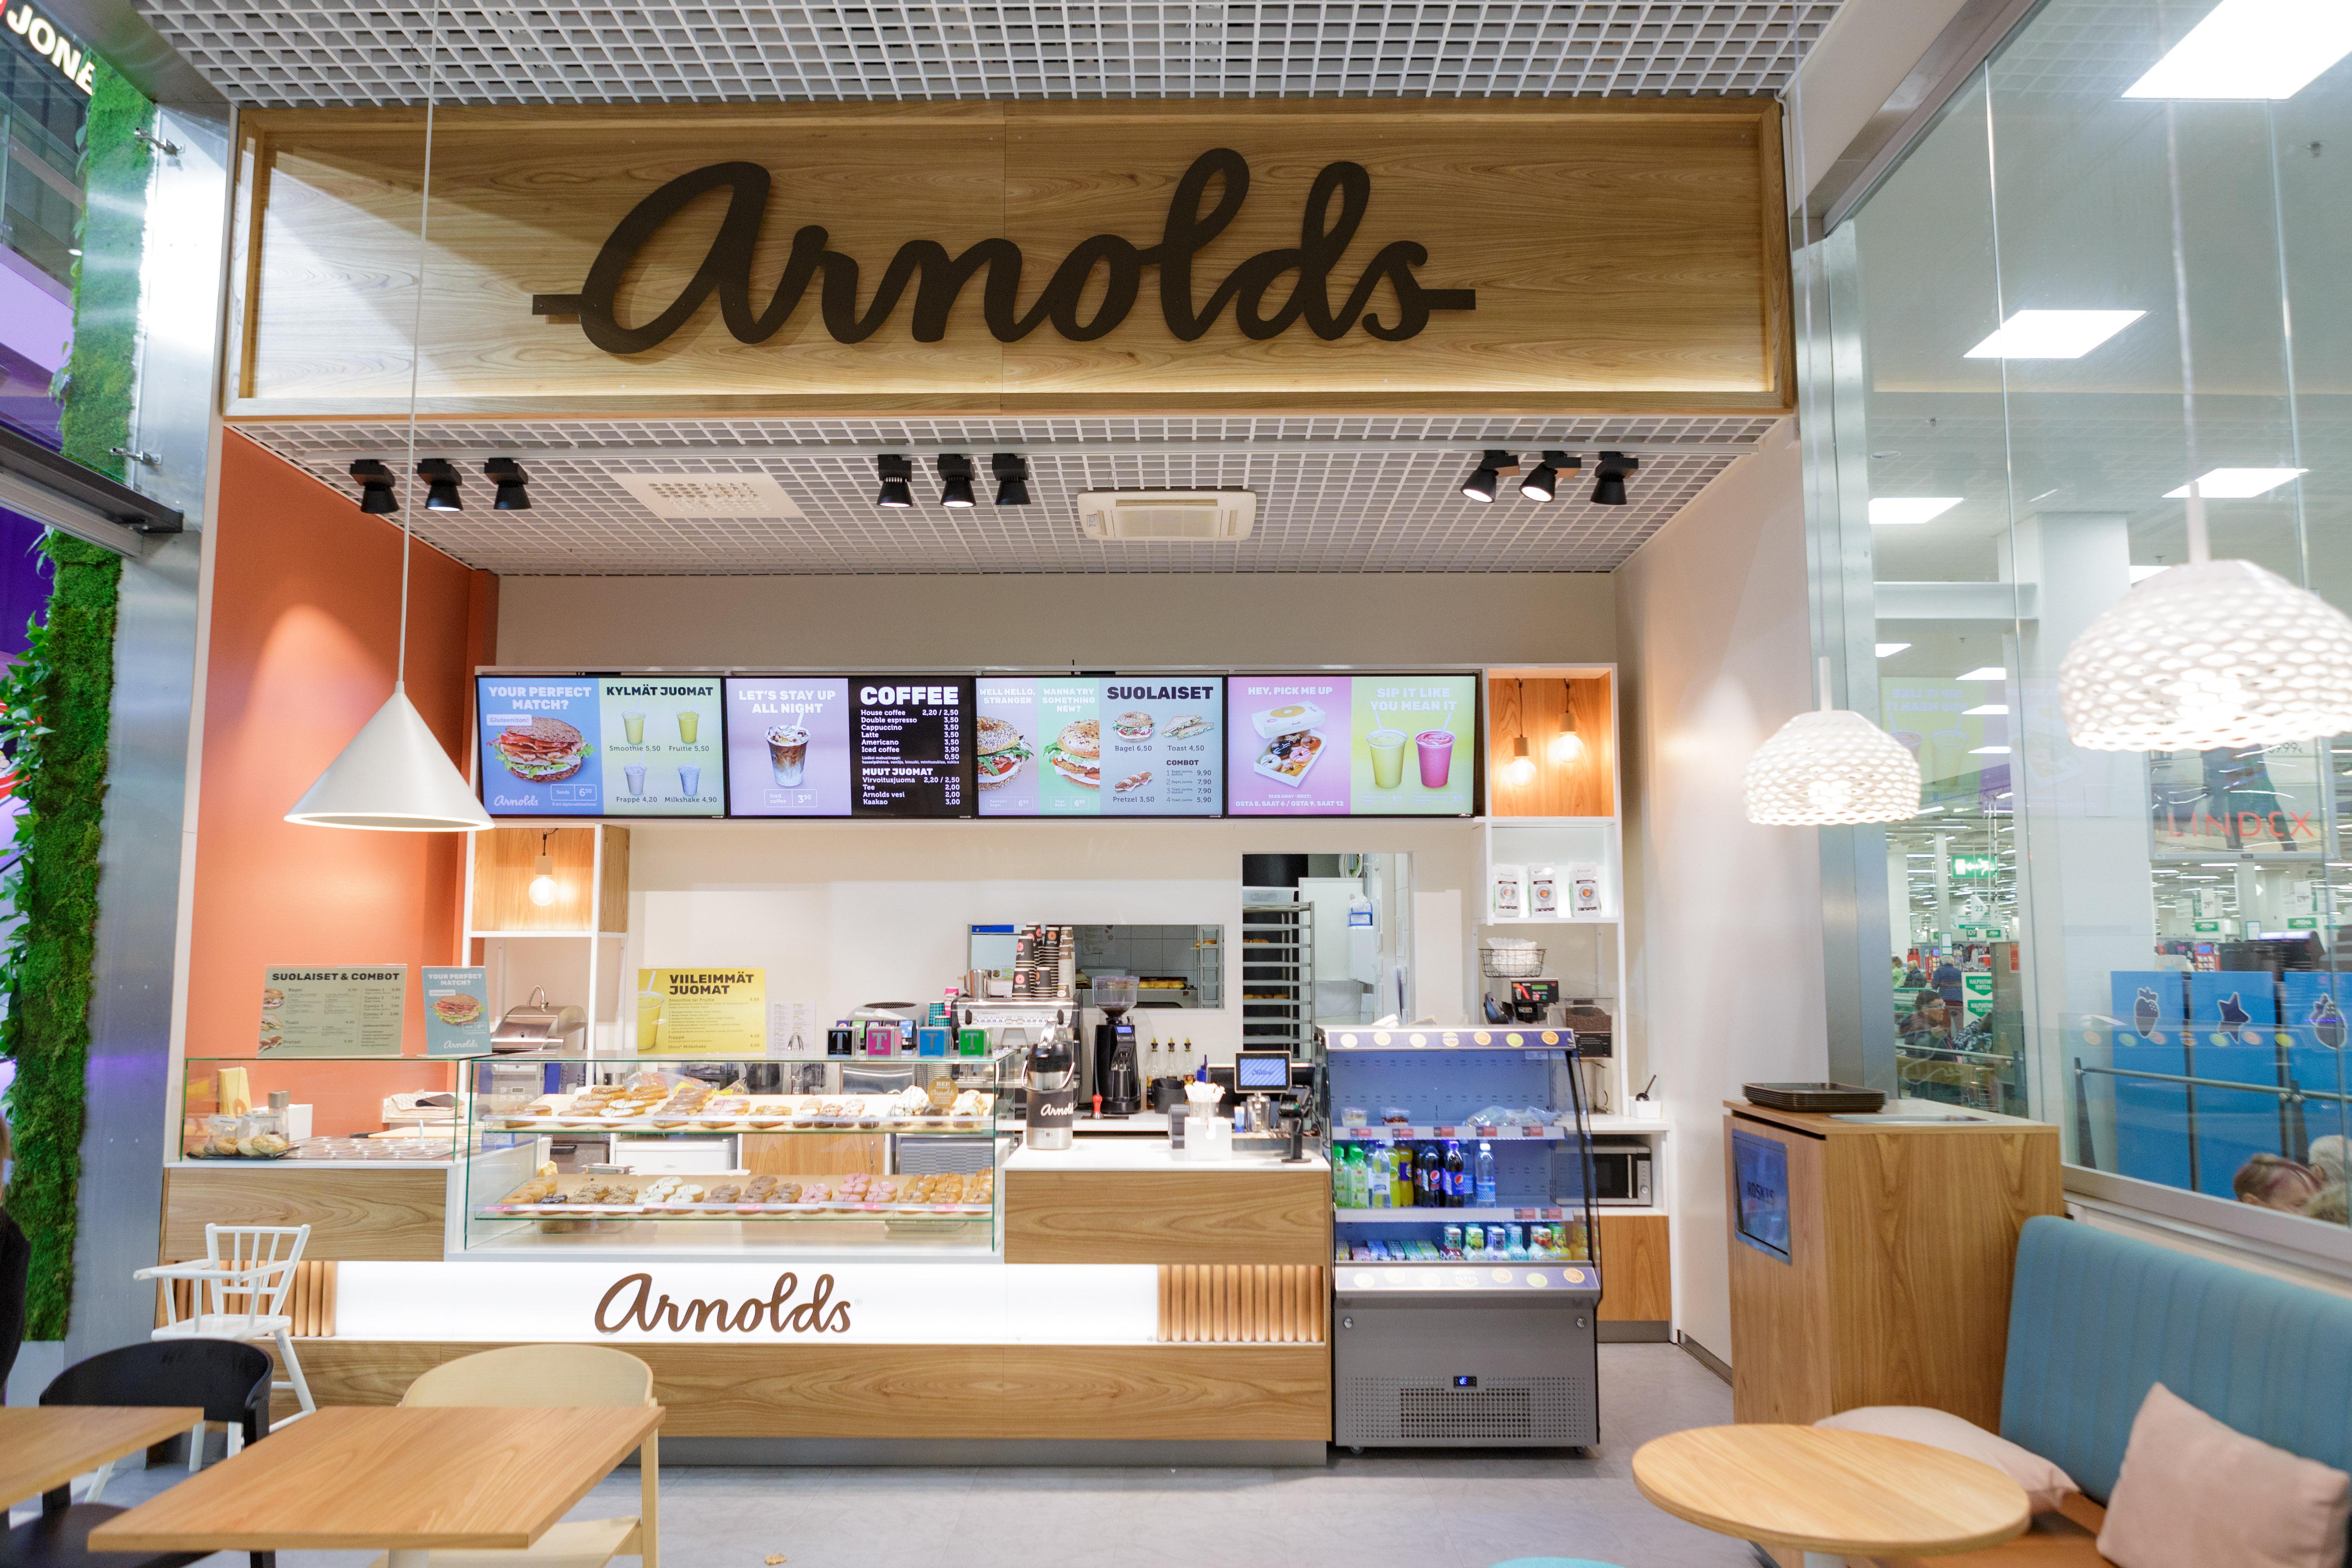 Arnoldsin näyttävät Digital Signage -ratkaisut parantavat julkisivua ja tekevät myymälästä houkuttelevan näköisen.